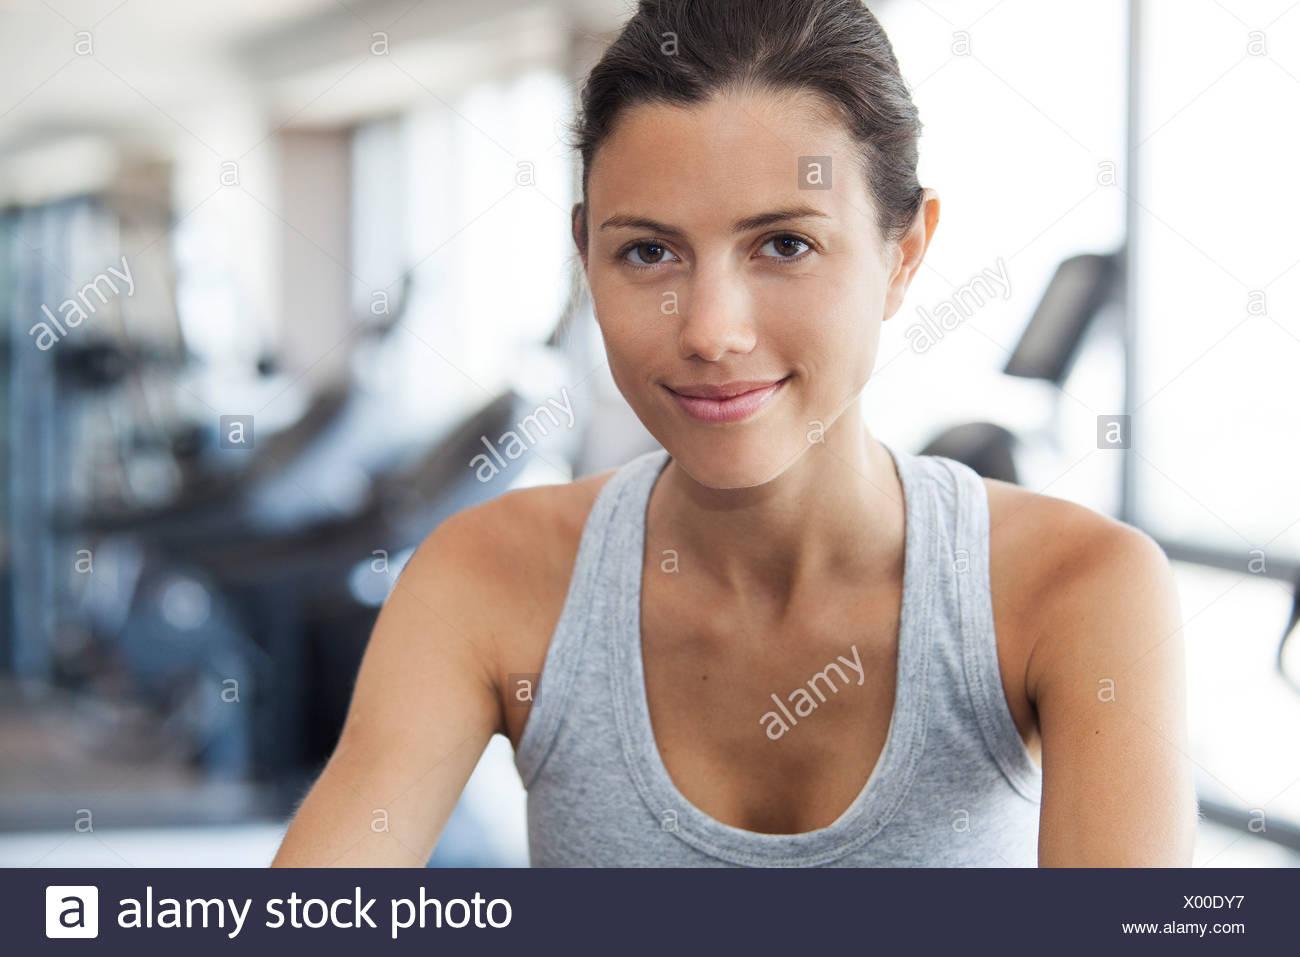 Junge Frau mit Heimtrainer in Turnhalle Stockfoto